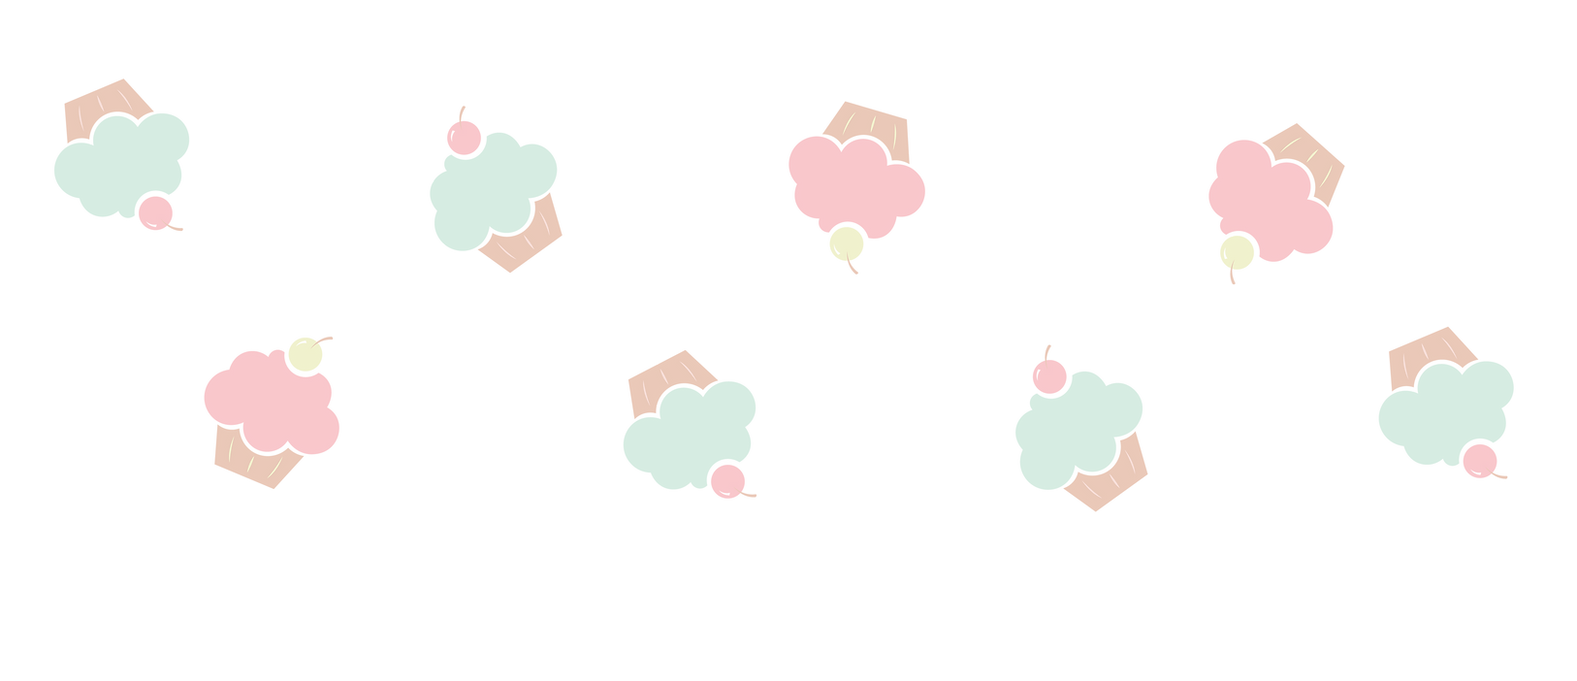 Cupcake pattern transparent-01.png